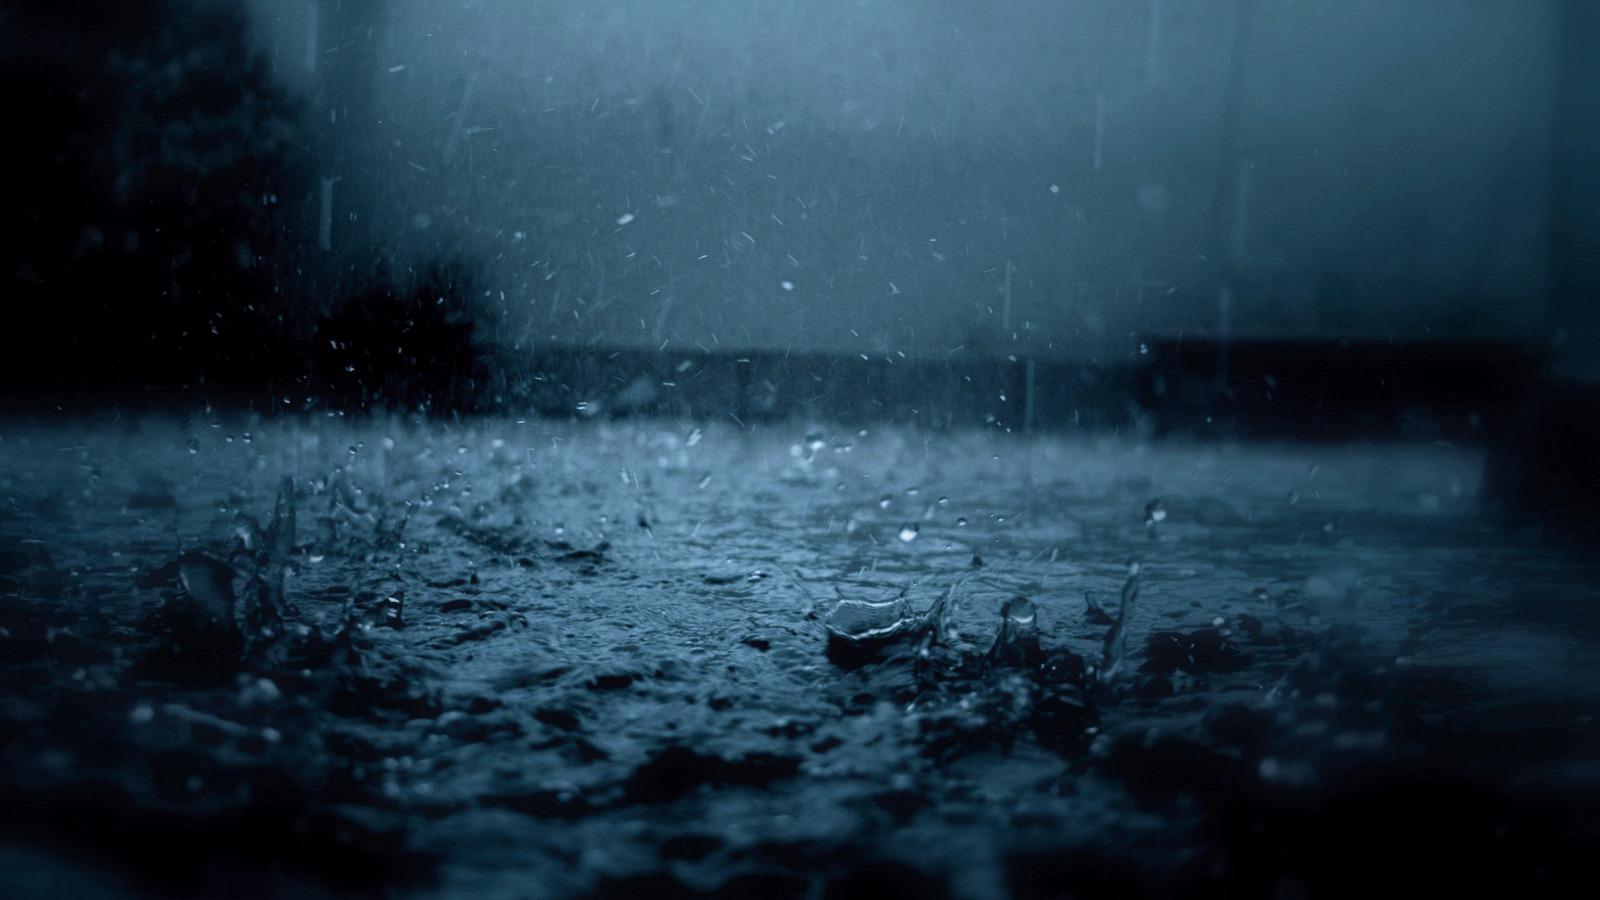 Дождь капли лужа обои 1600х900 картинки